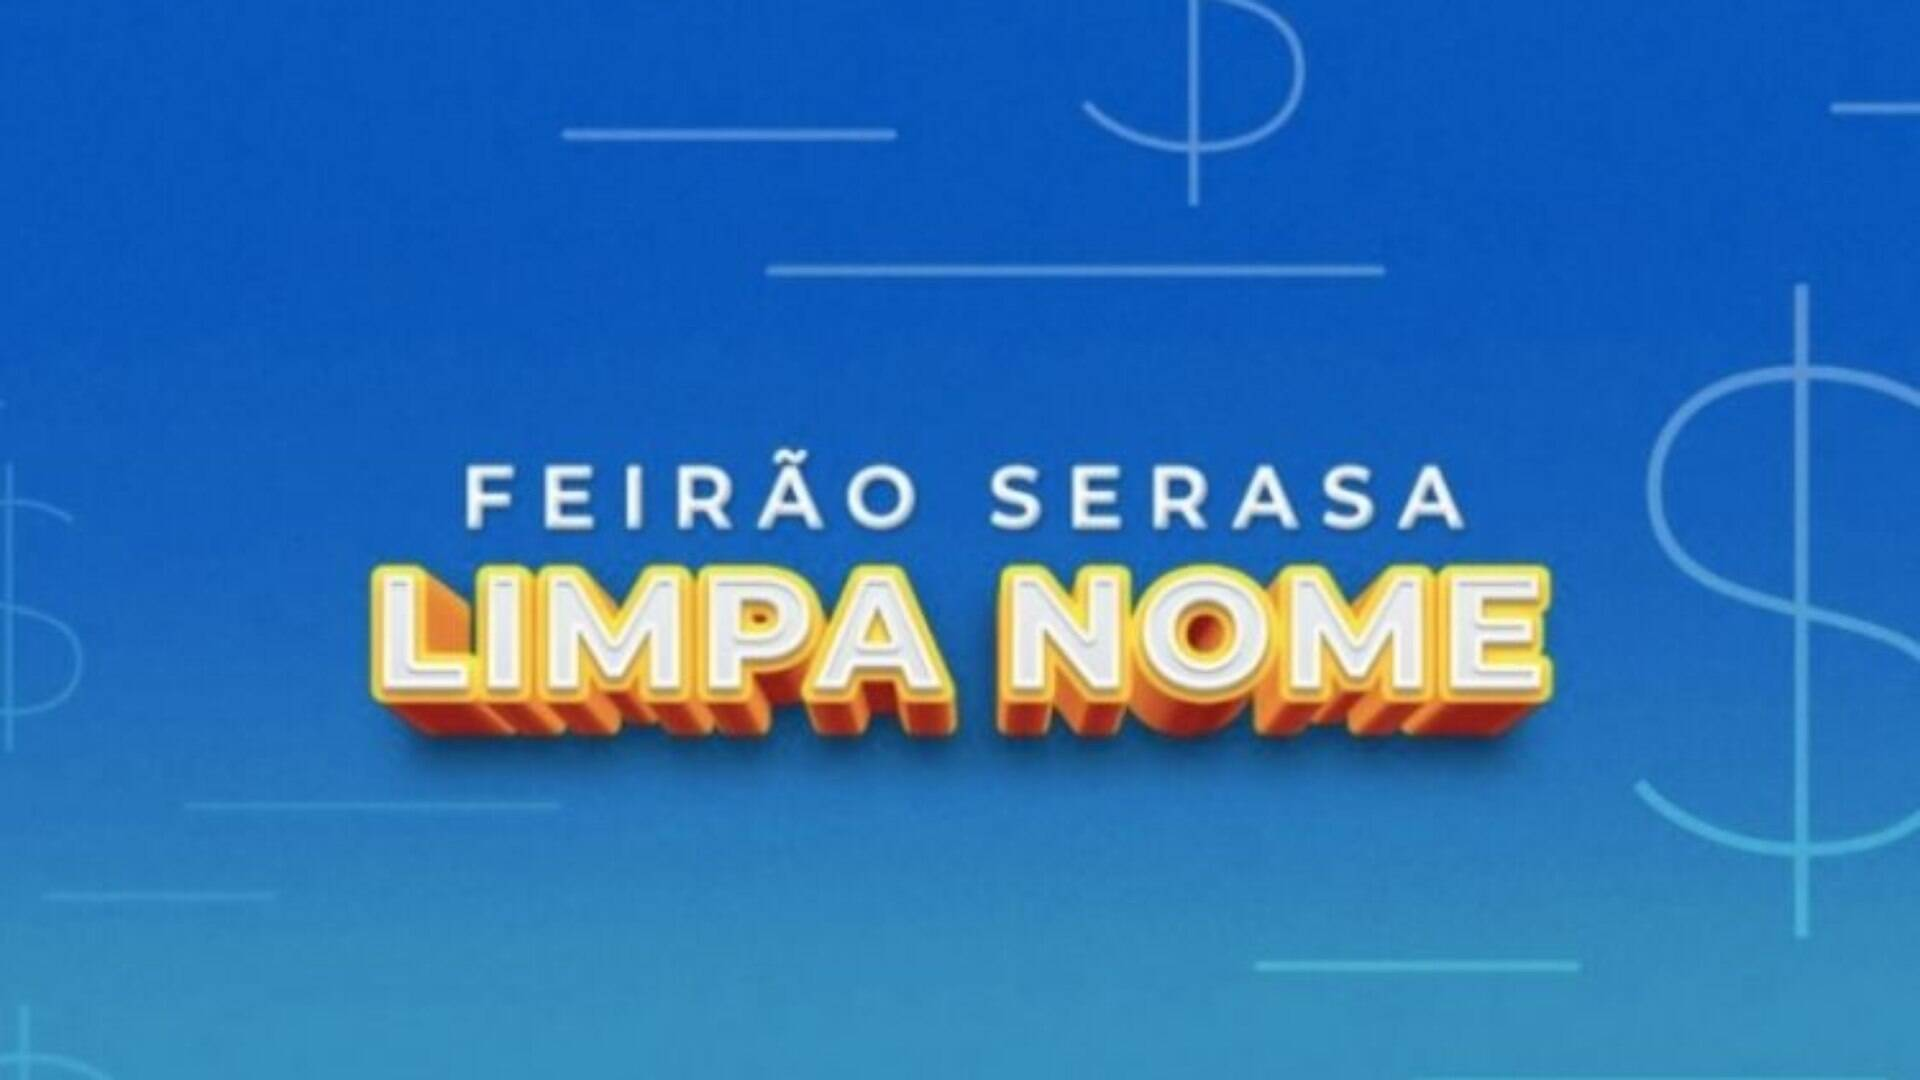 Só até amanhã: Feirão Serasa Limpa Nome ajuda a quitar dívidas - Economia -  iG